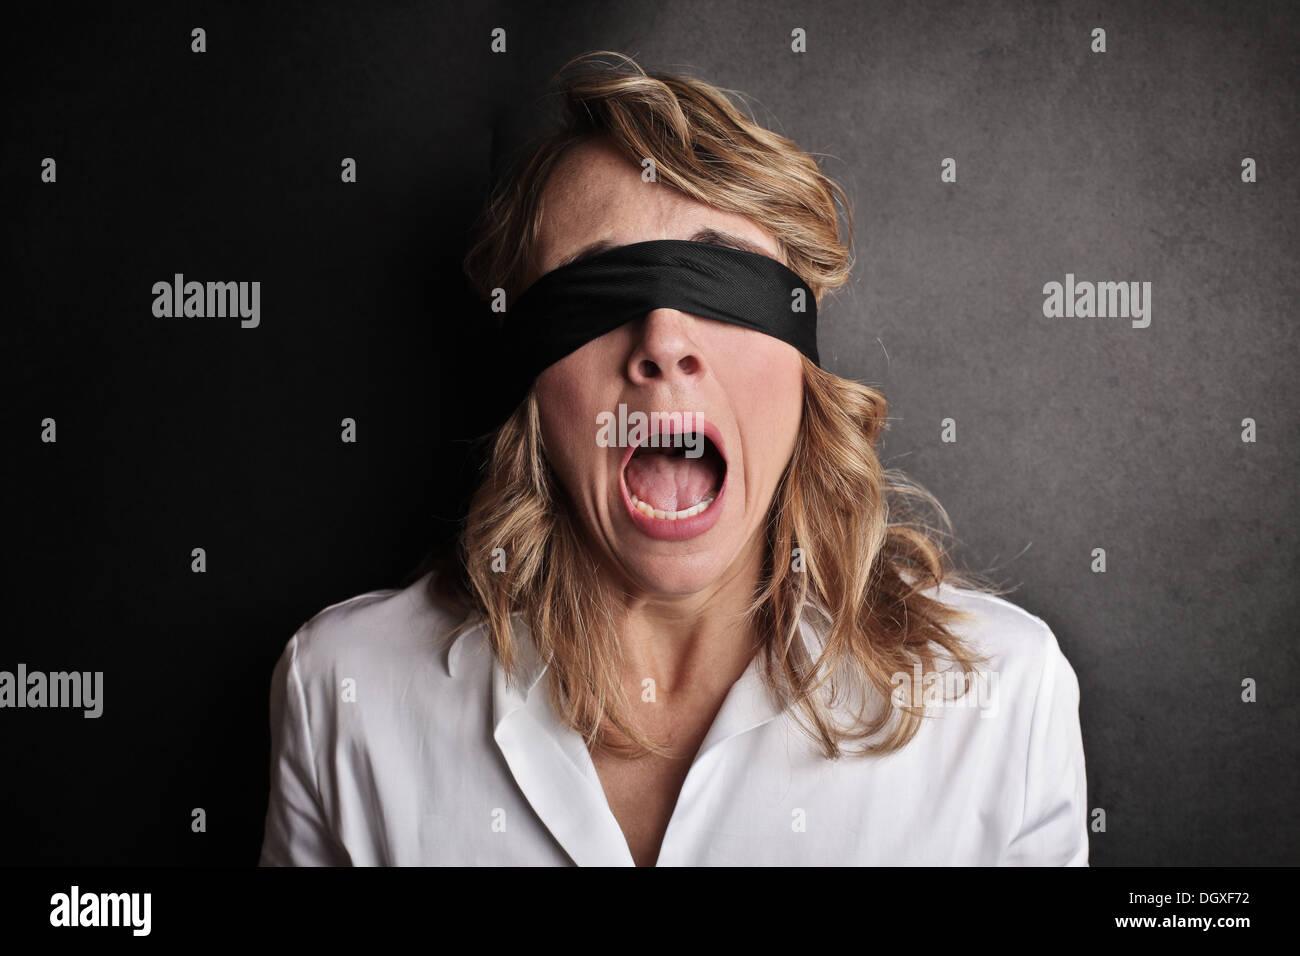 Peur de crier, les yeux bandés, femme Photo Stock